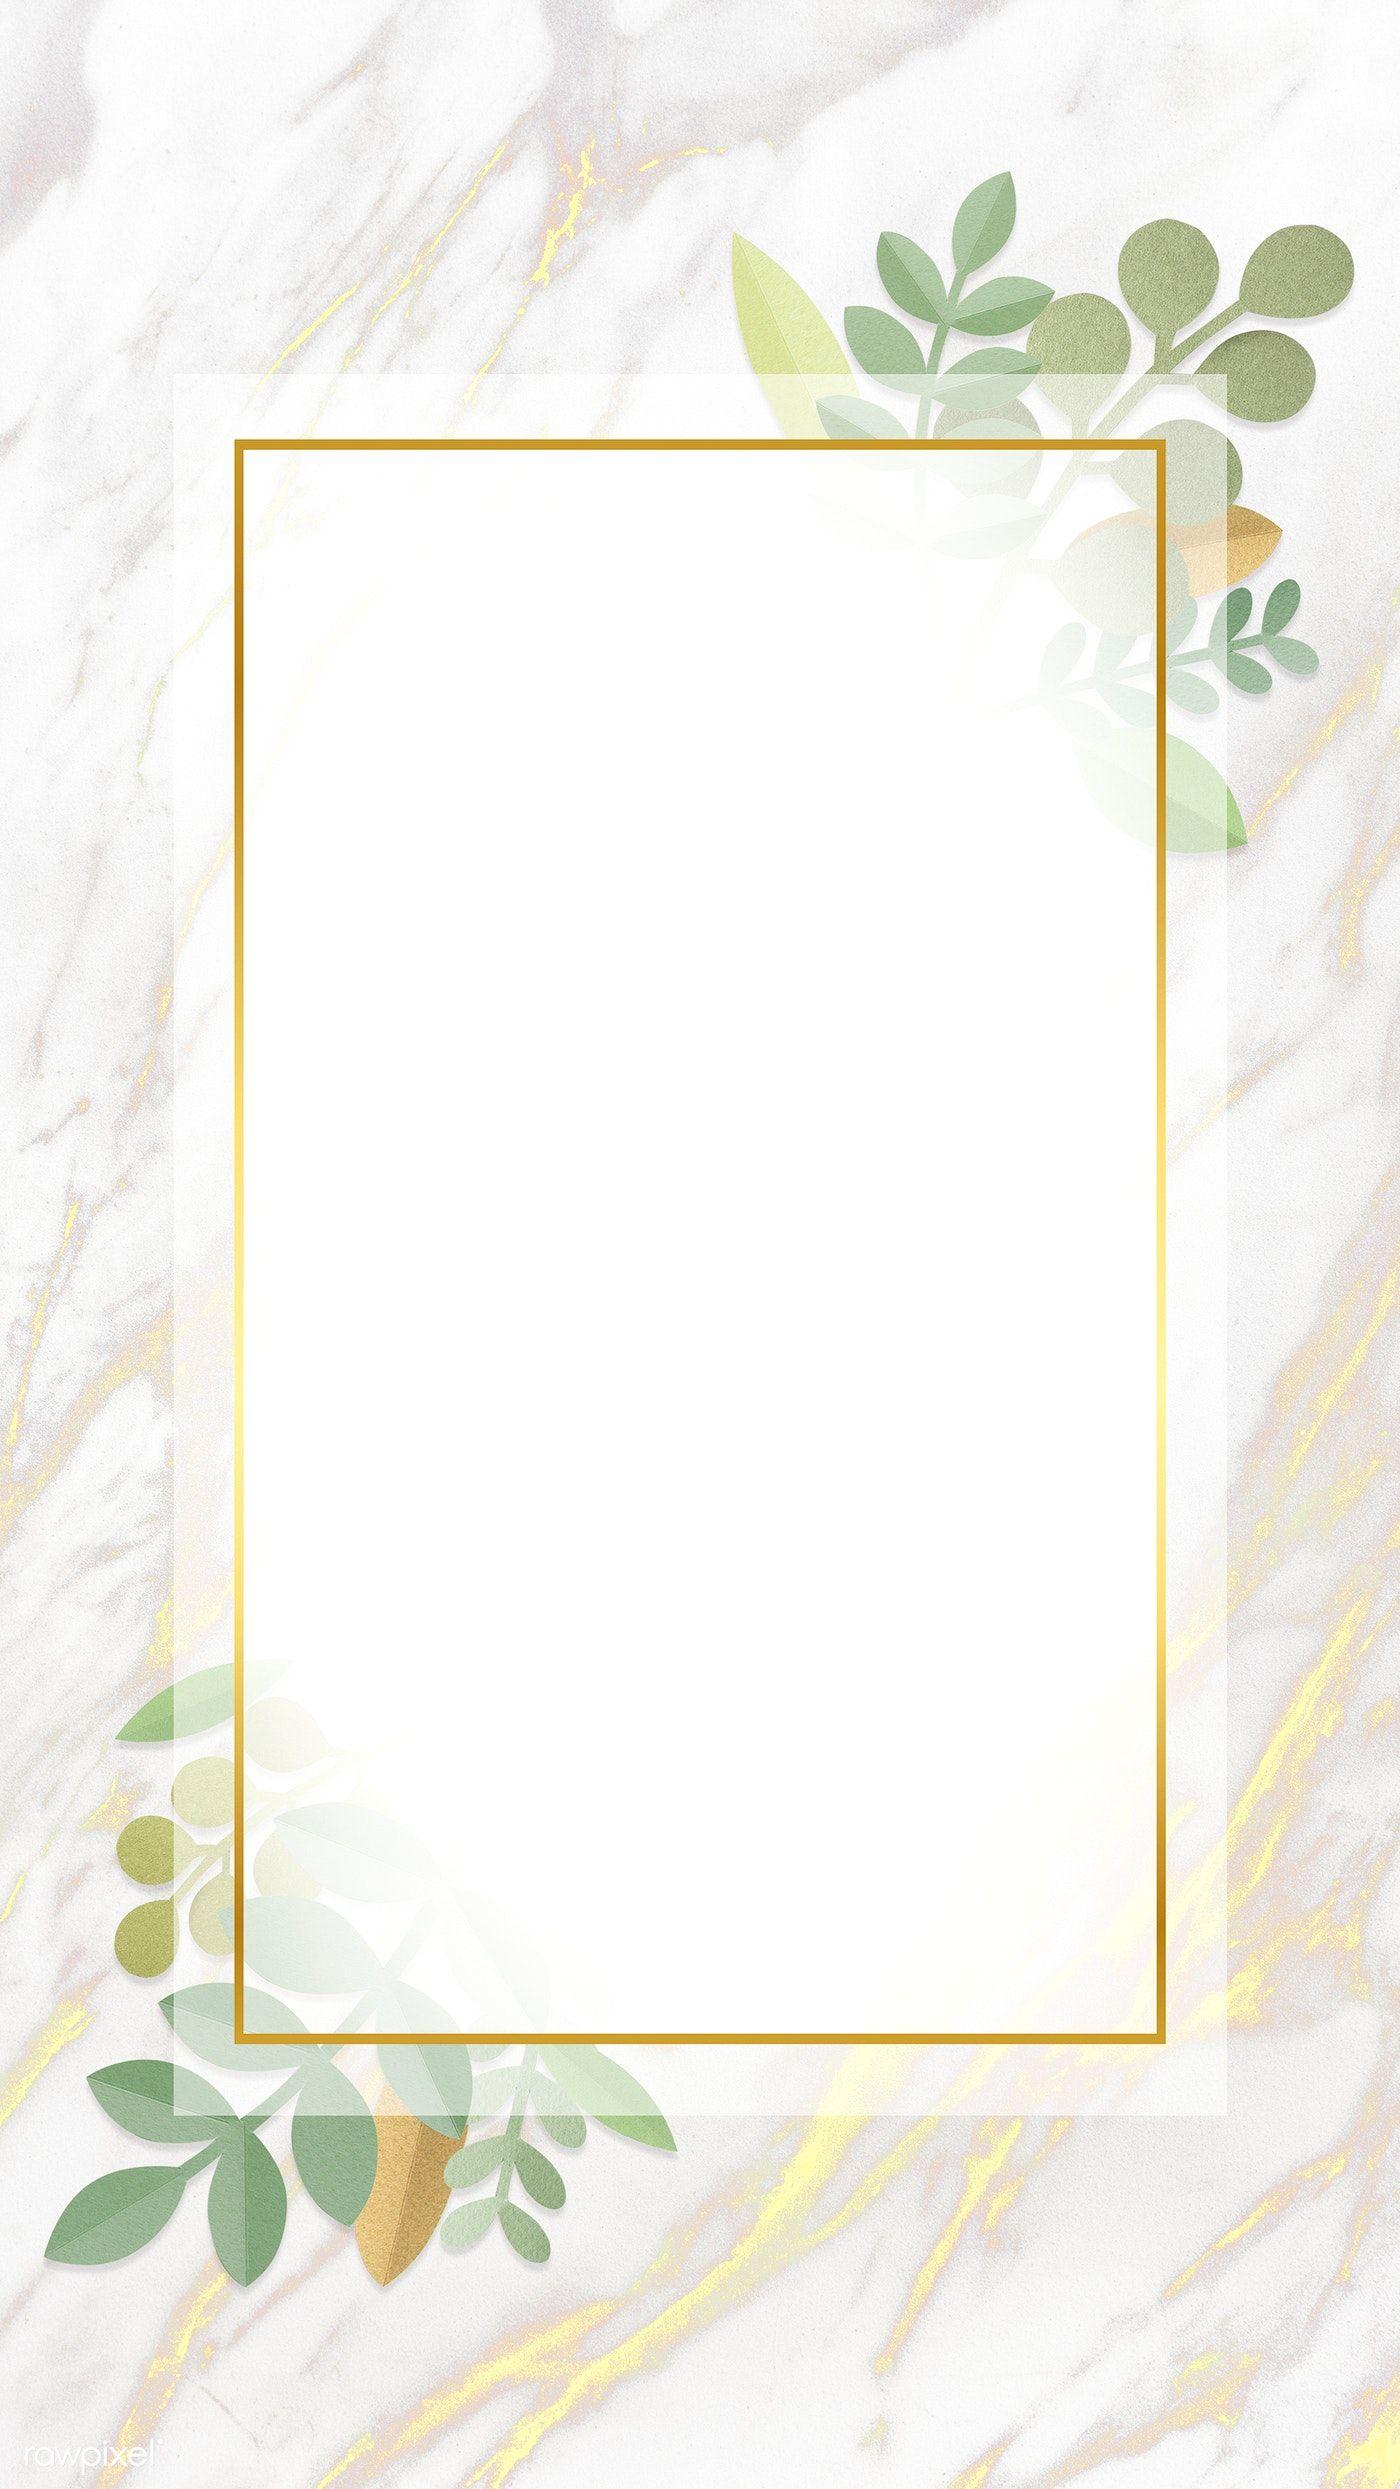 إطار مستطيل الإطار الإطار مستطيل Png وملف Psd للتحميل مجانا Flower Frame Flower Border Flower Painting